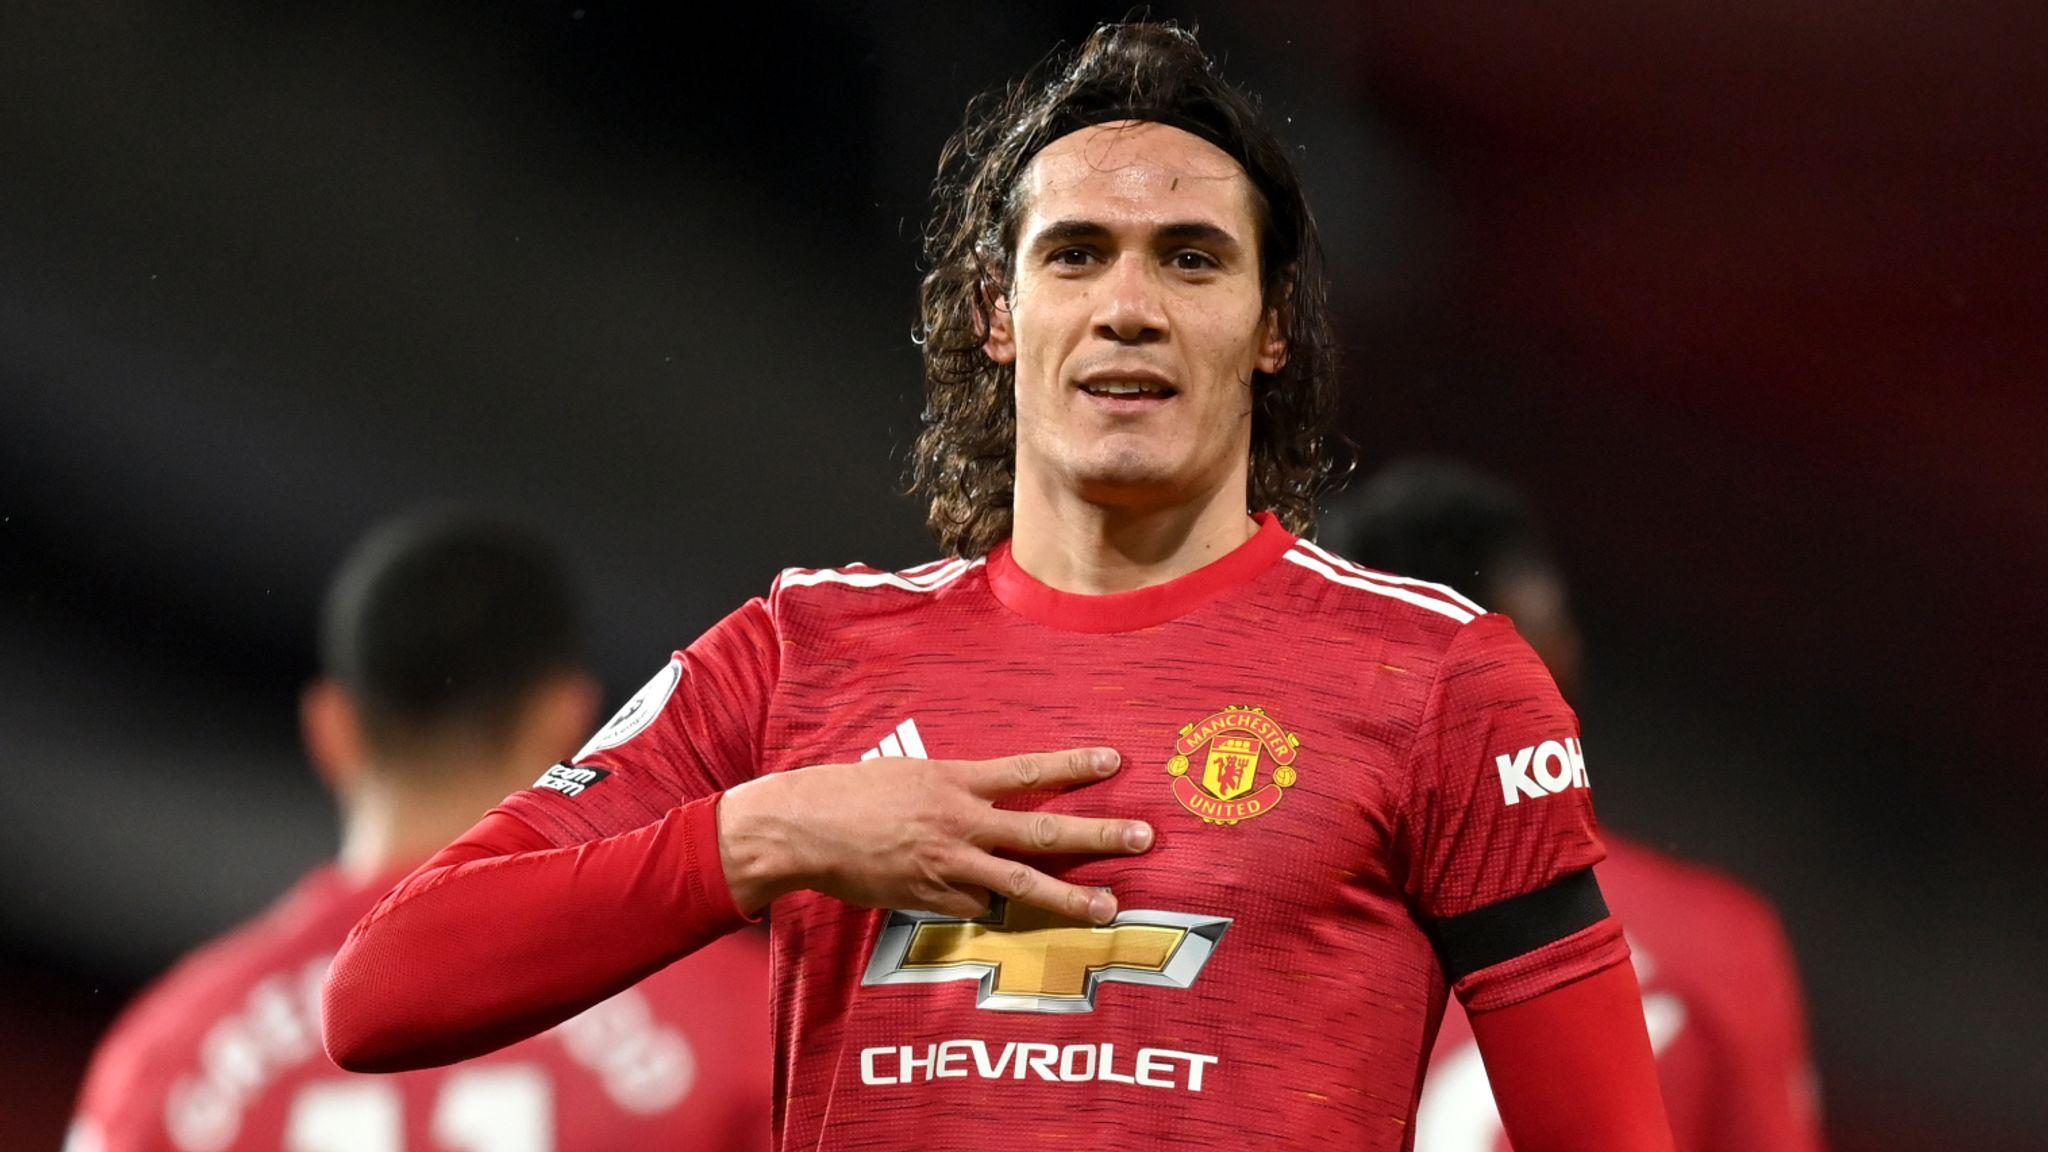 Cavani sẽ sớm được quay trở lại theo kế hoạch của Man Utd